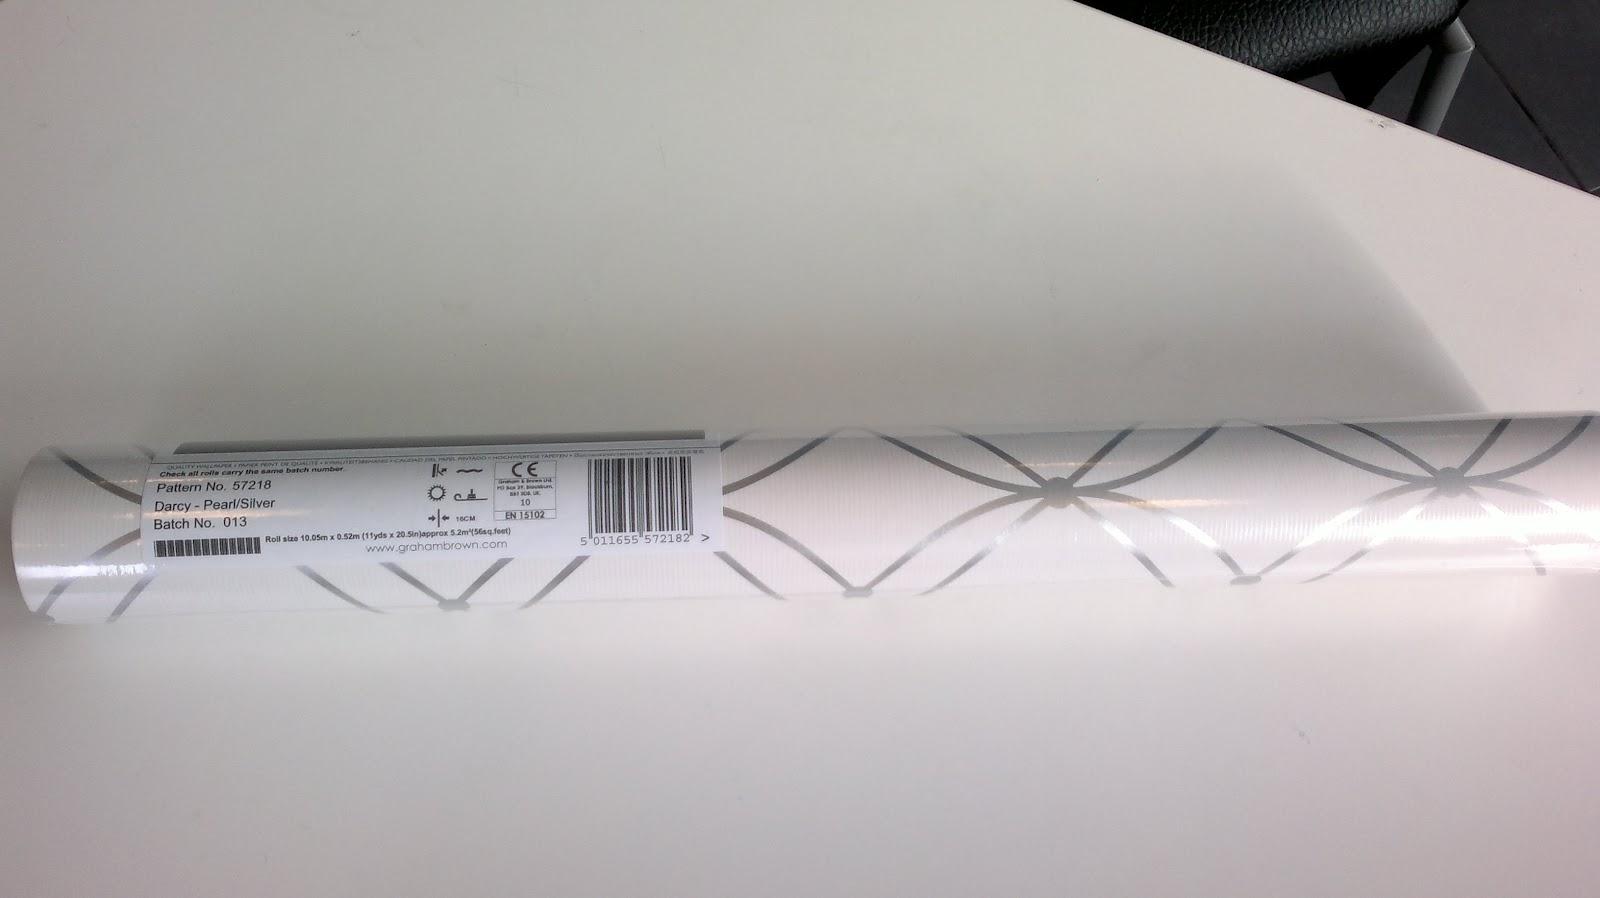 http://1.bp.blogspot.com/-yxz3W9G3obc/T18JUxbjTJI/AAAAAAAACYs/mPSdZHT8iZM/s1600/Graham+Brown+Mode+Darcy+wallpaper+(1).jpg